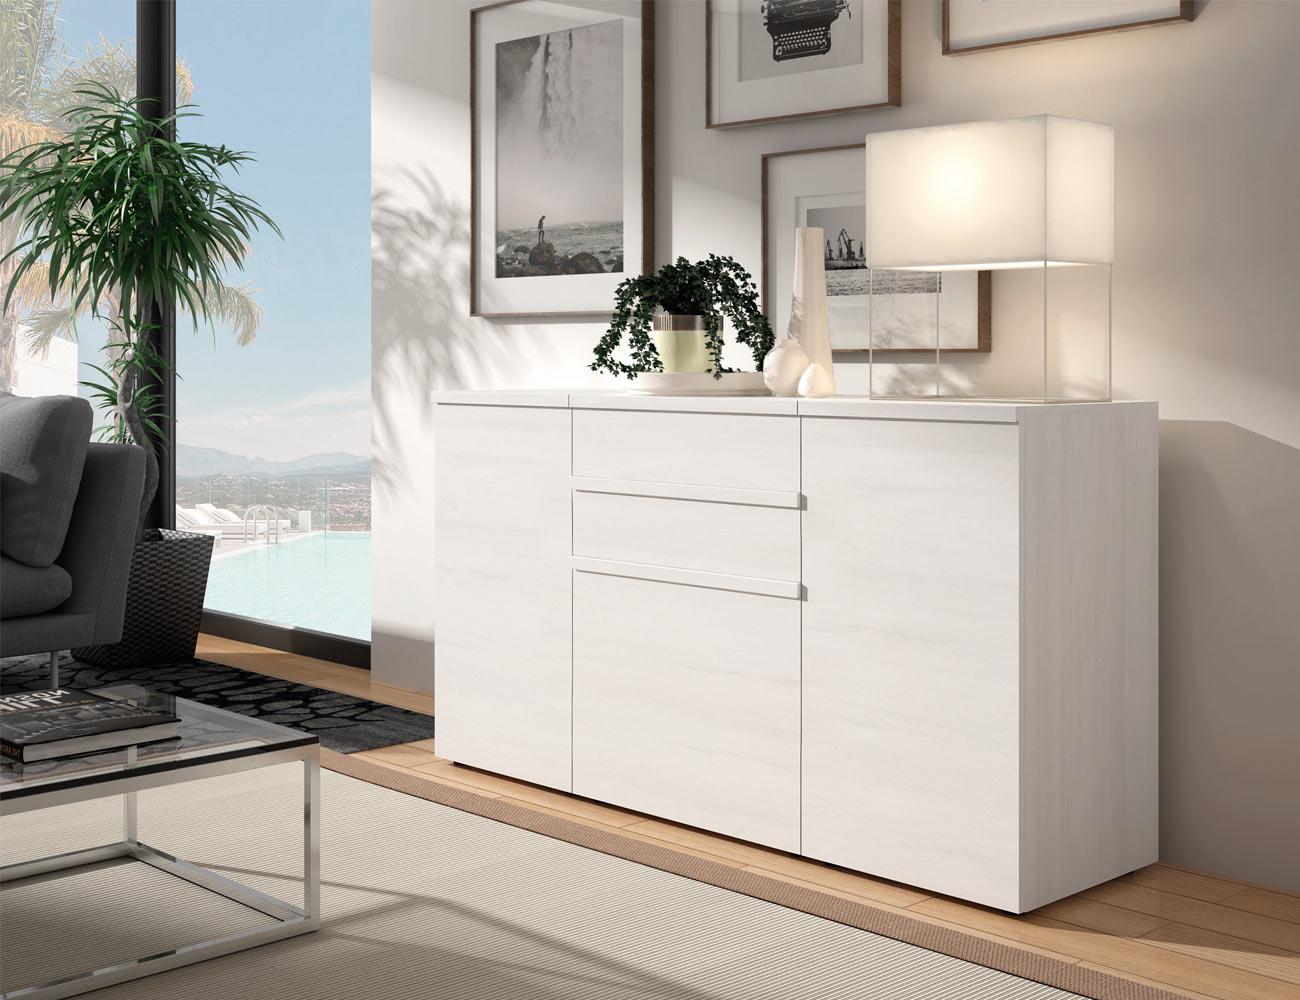 Mueble aparador color polar 9199 factory del mueble utrera - Muebles utrera ...